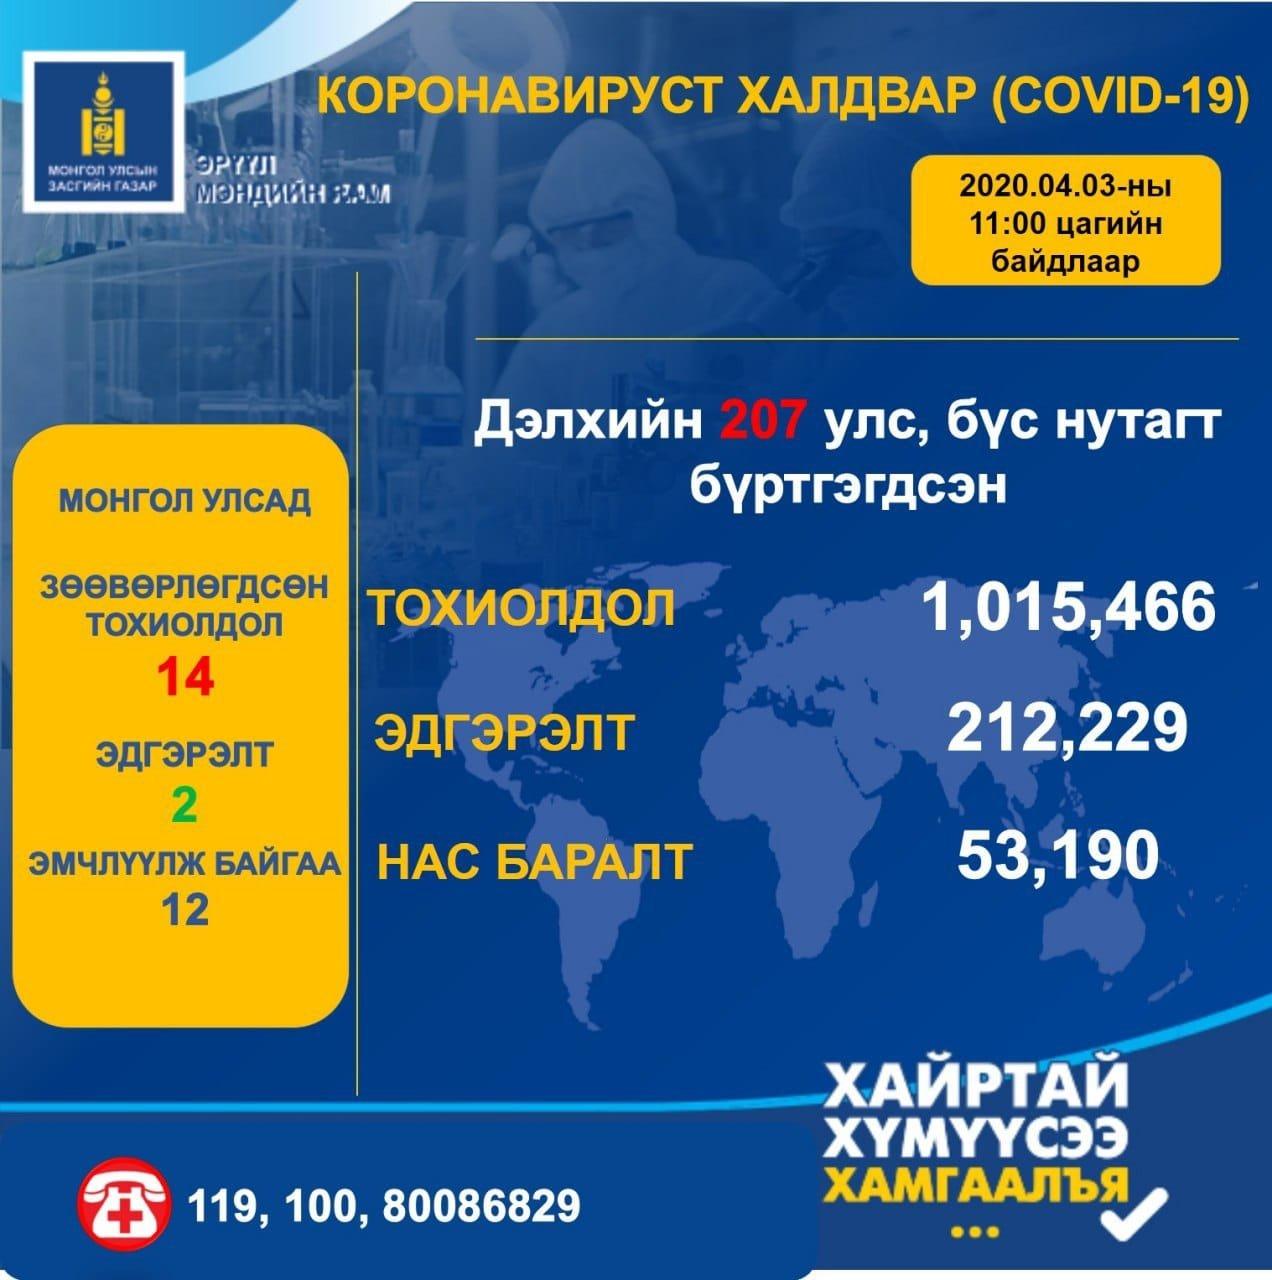 ЭМЯ:Шинэ коронавирусний халдвар авсан хүний тоо 1 015 466 болжээ